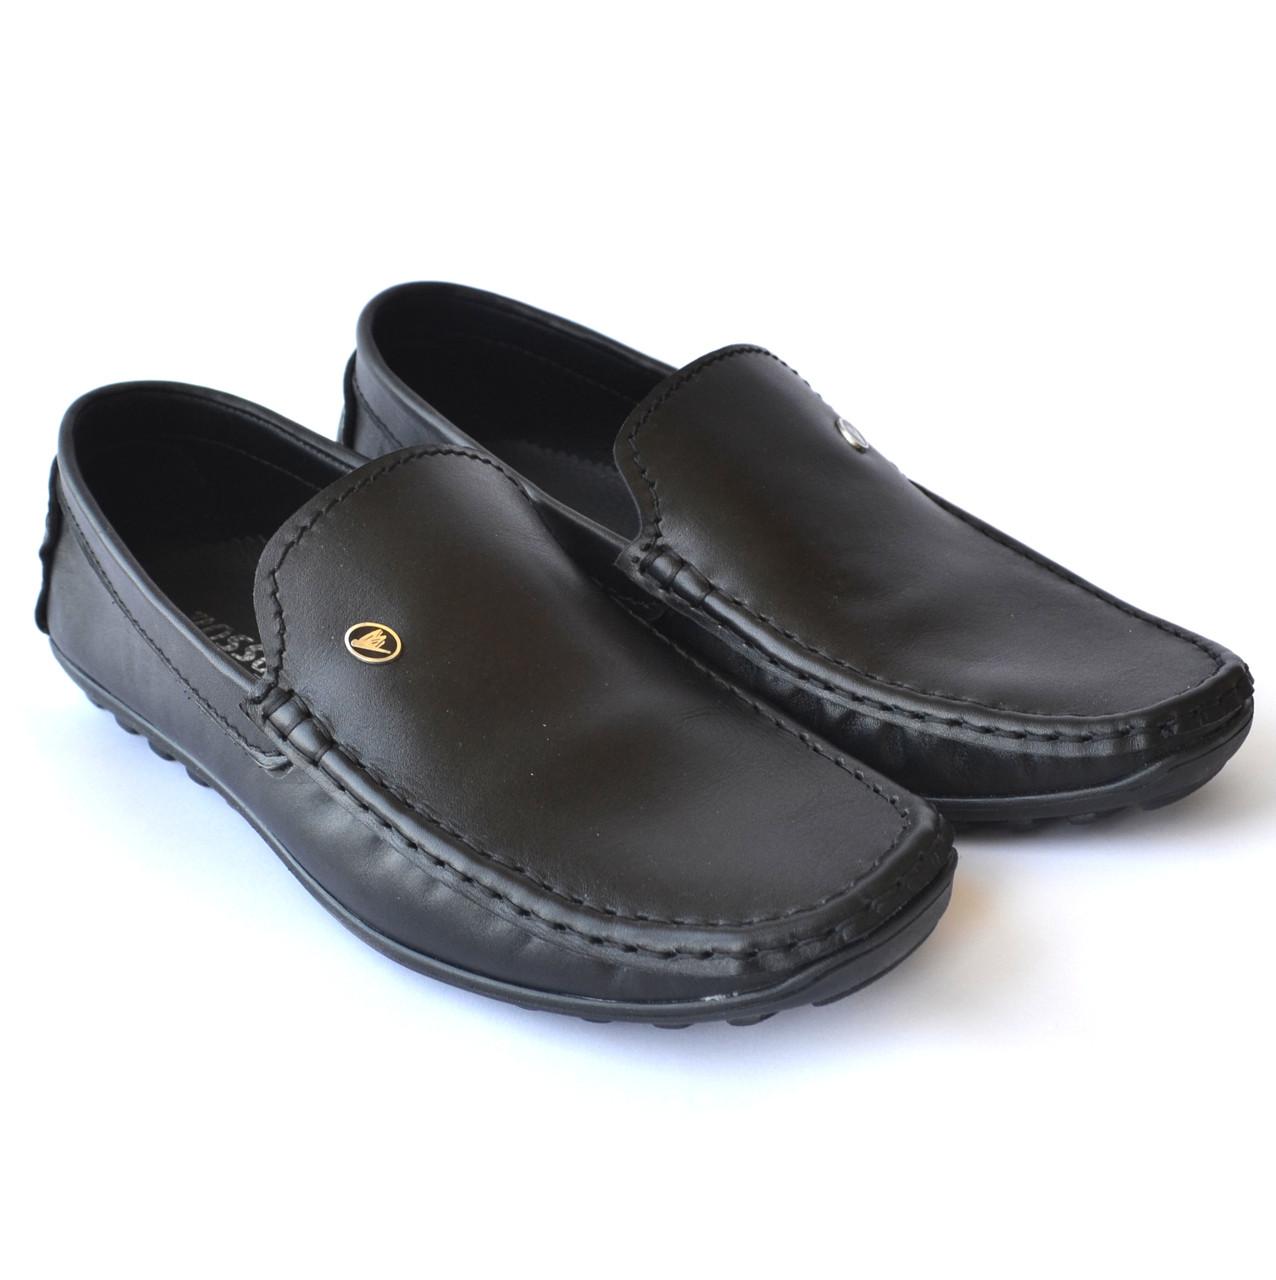 Обувь больших размеров мужская кожаные мокасины черные Rosso Avangard BS Alberto M5 Black Leather